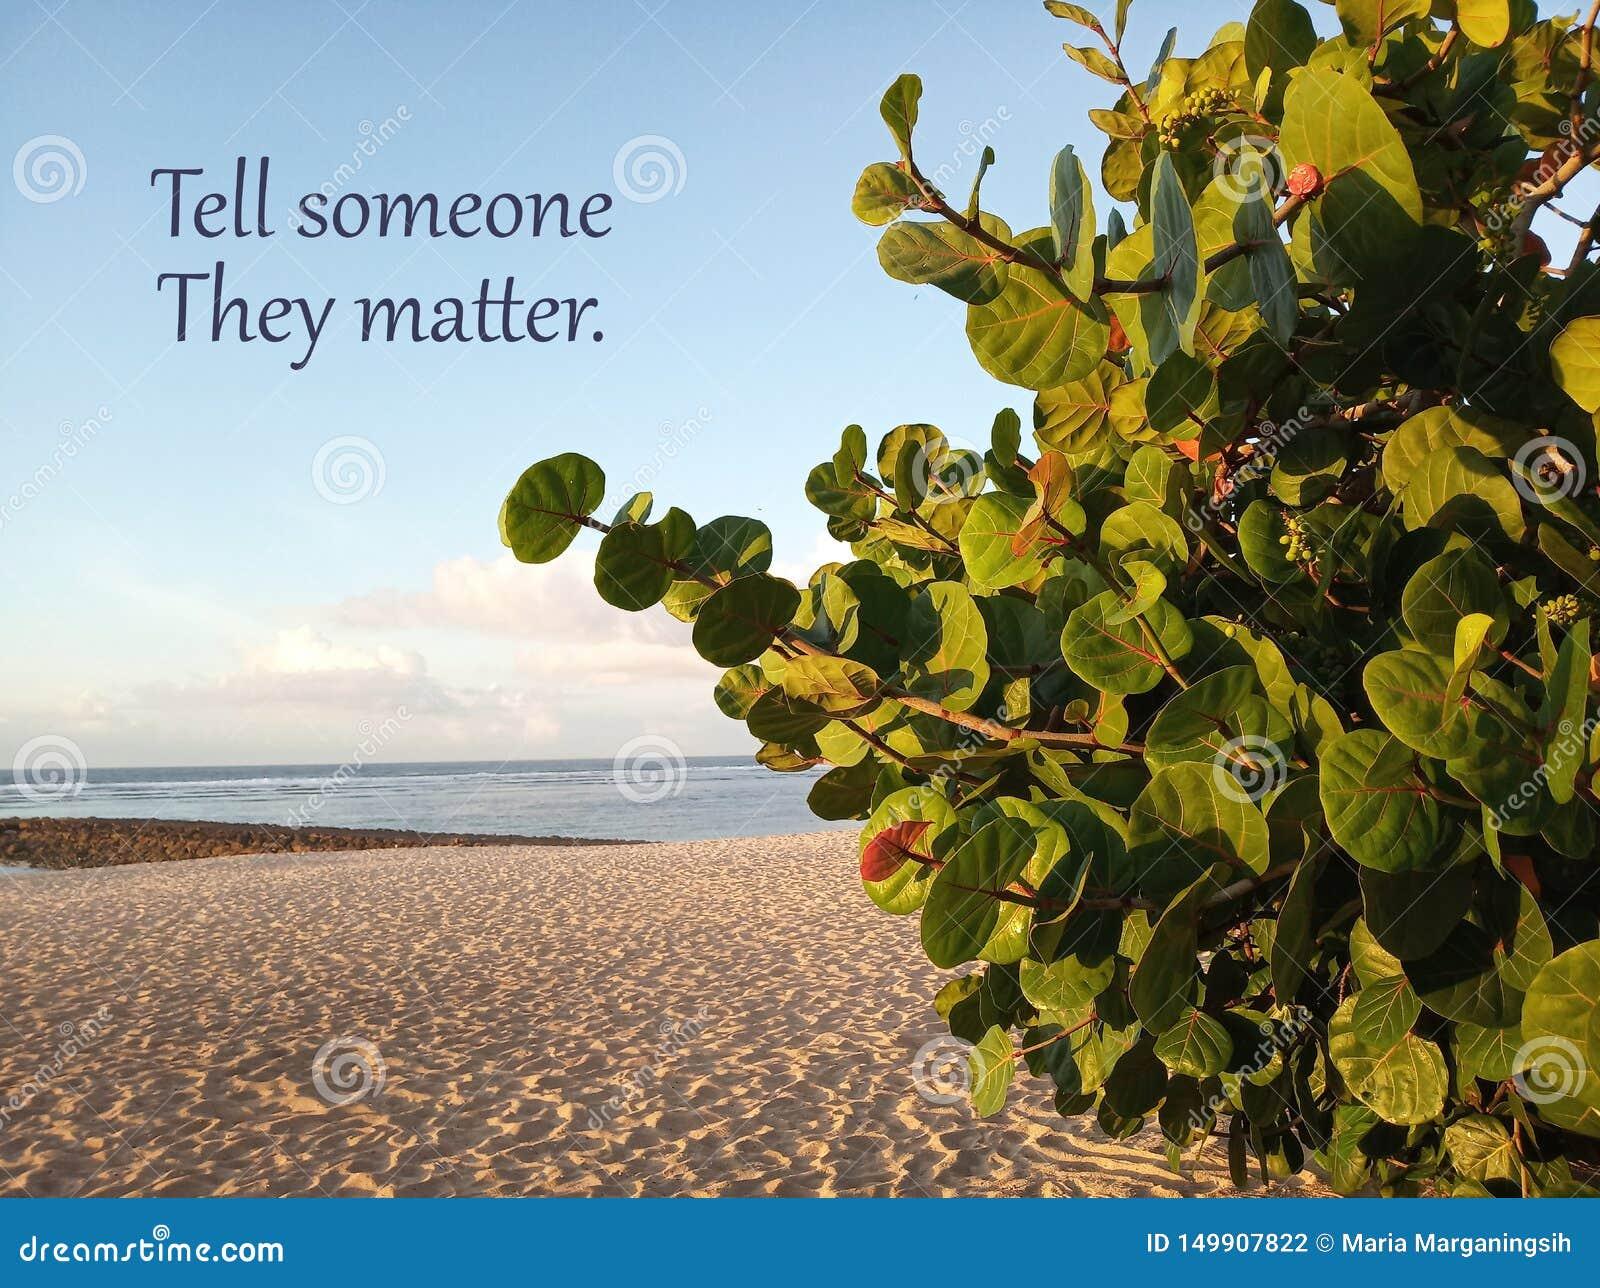 Inspirierend Motivzitat erklären jemand, das sie von Bedeutung sind Mit weißem sandigem Strand unter sauberer Landschaft des blau